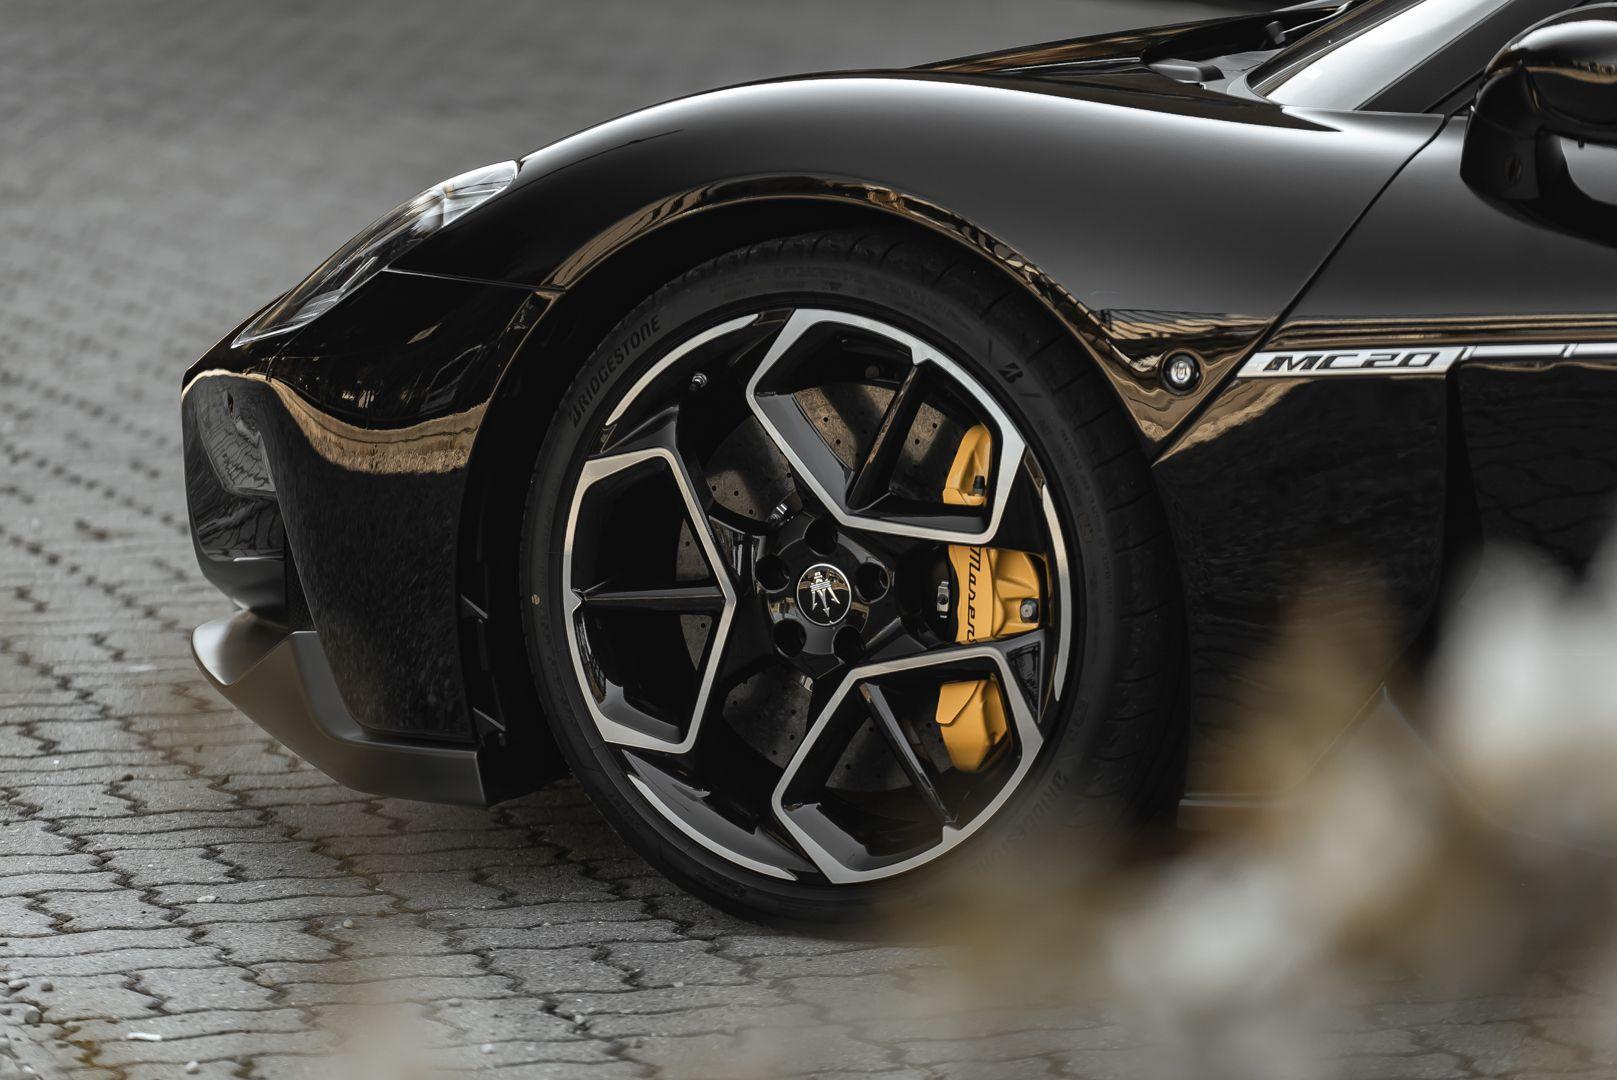 2021 Maserati MC20 84401